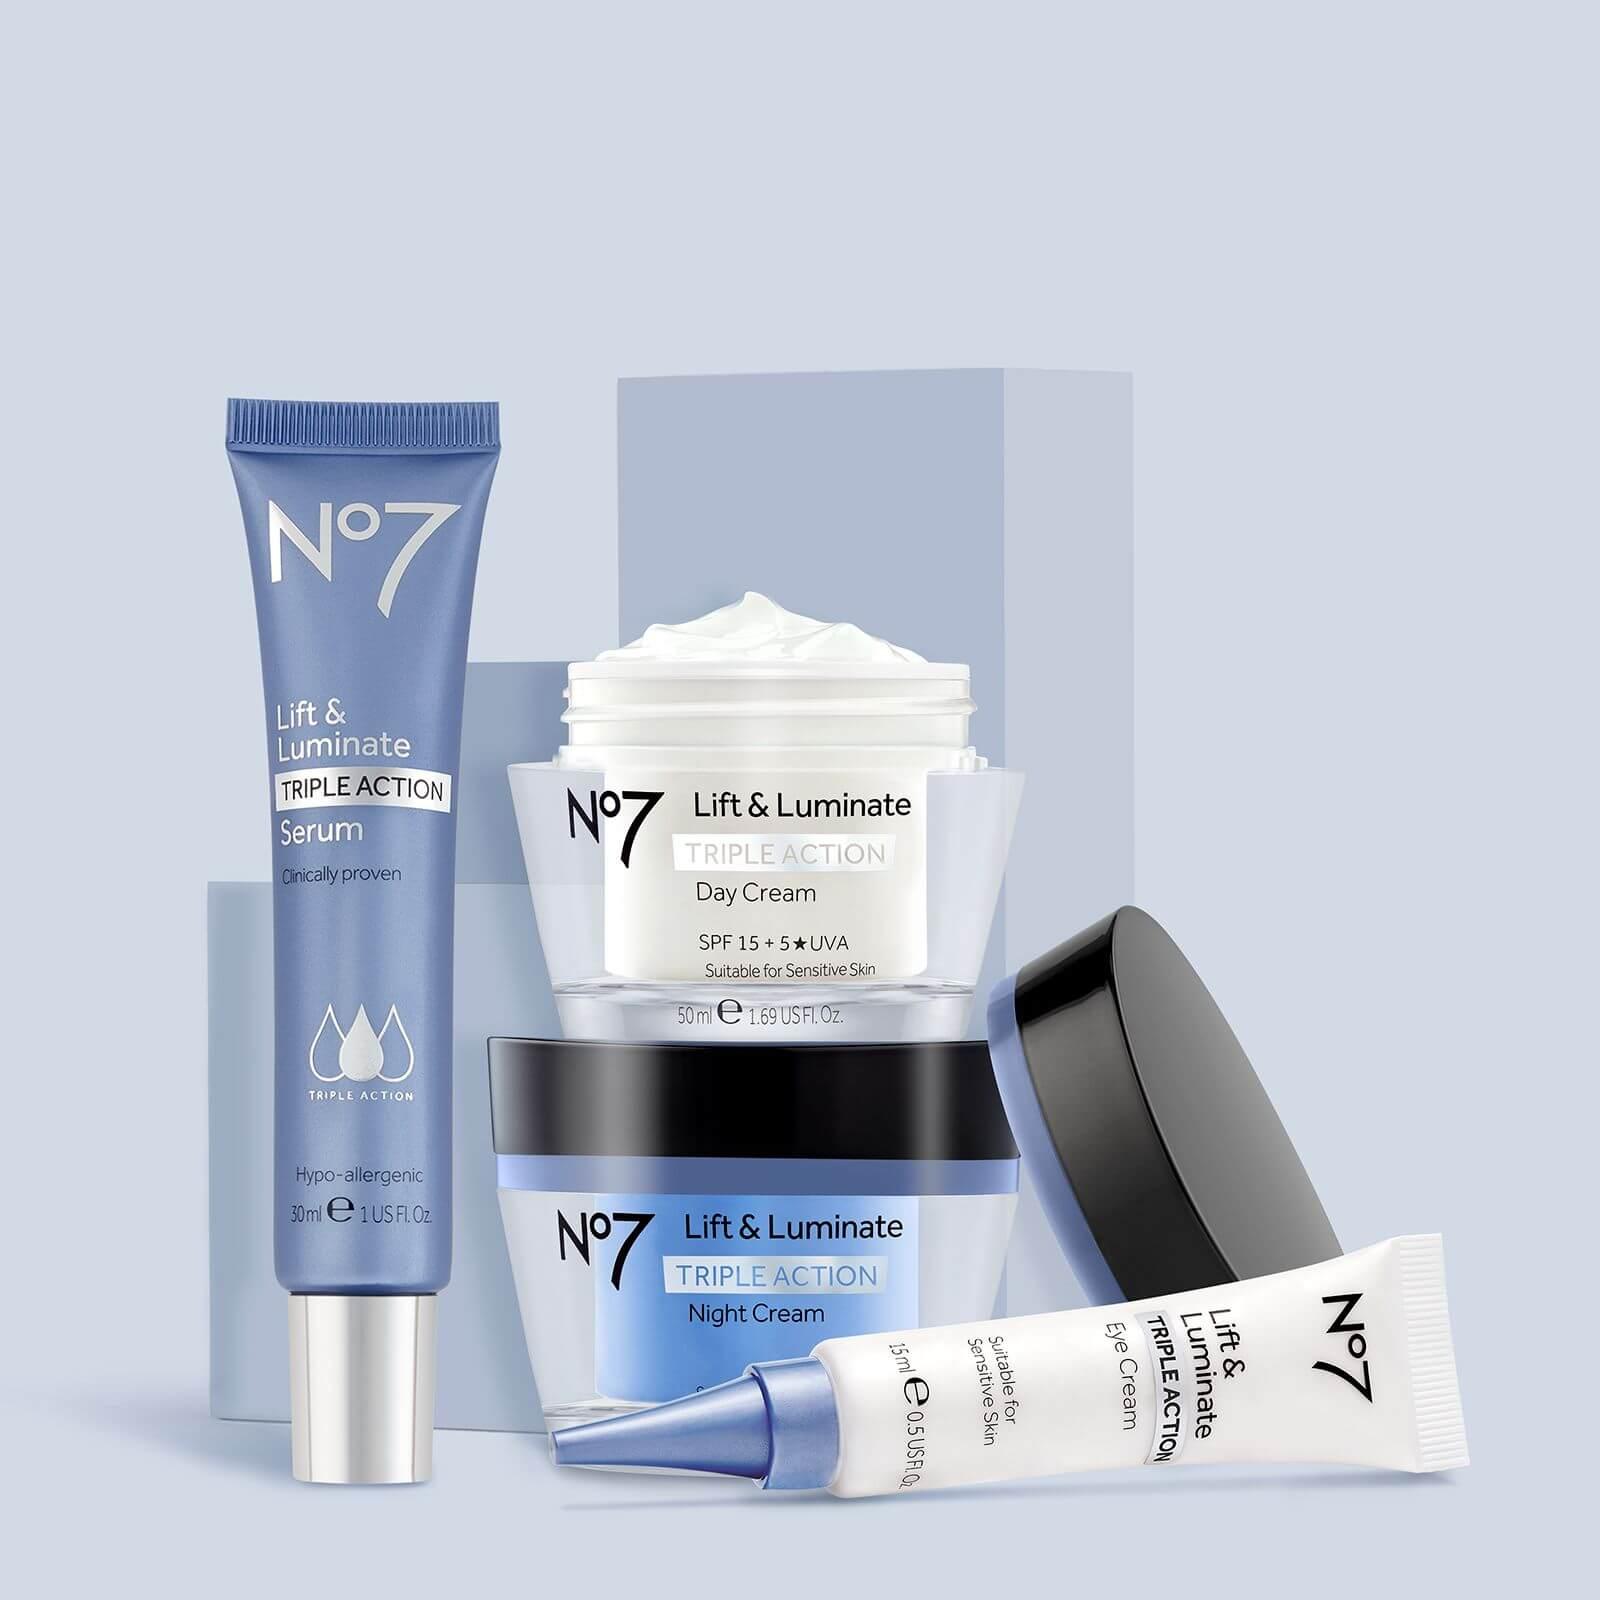 No.7 Lift & Luminate Range: Serum, Eye Cream, Night Cream and Day Cream